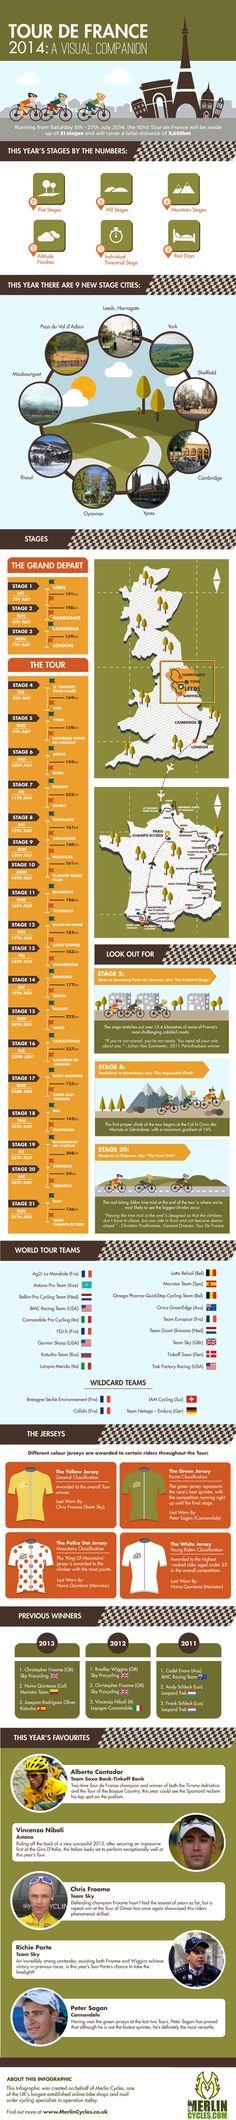 Tour-de-France hand info-graphic.  #tdf #socialpeloton